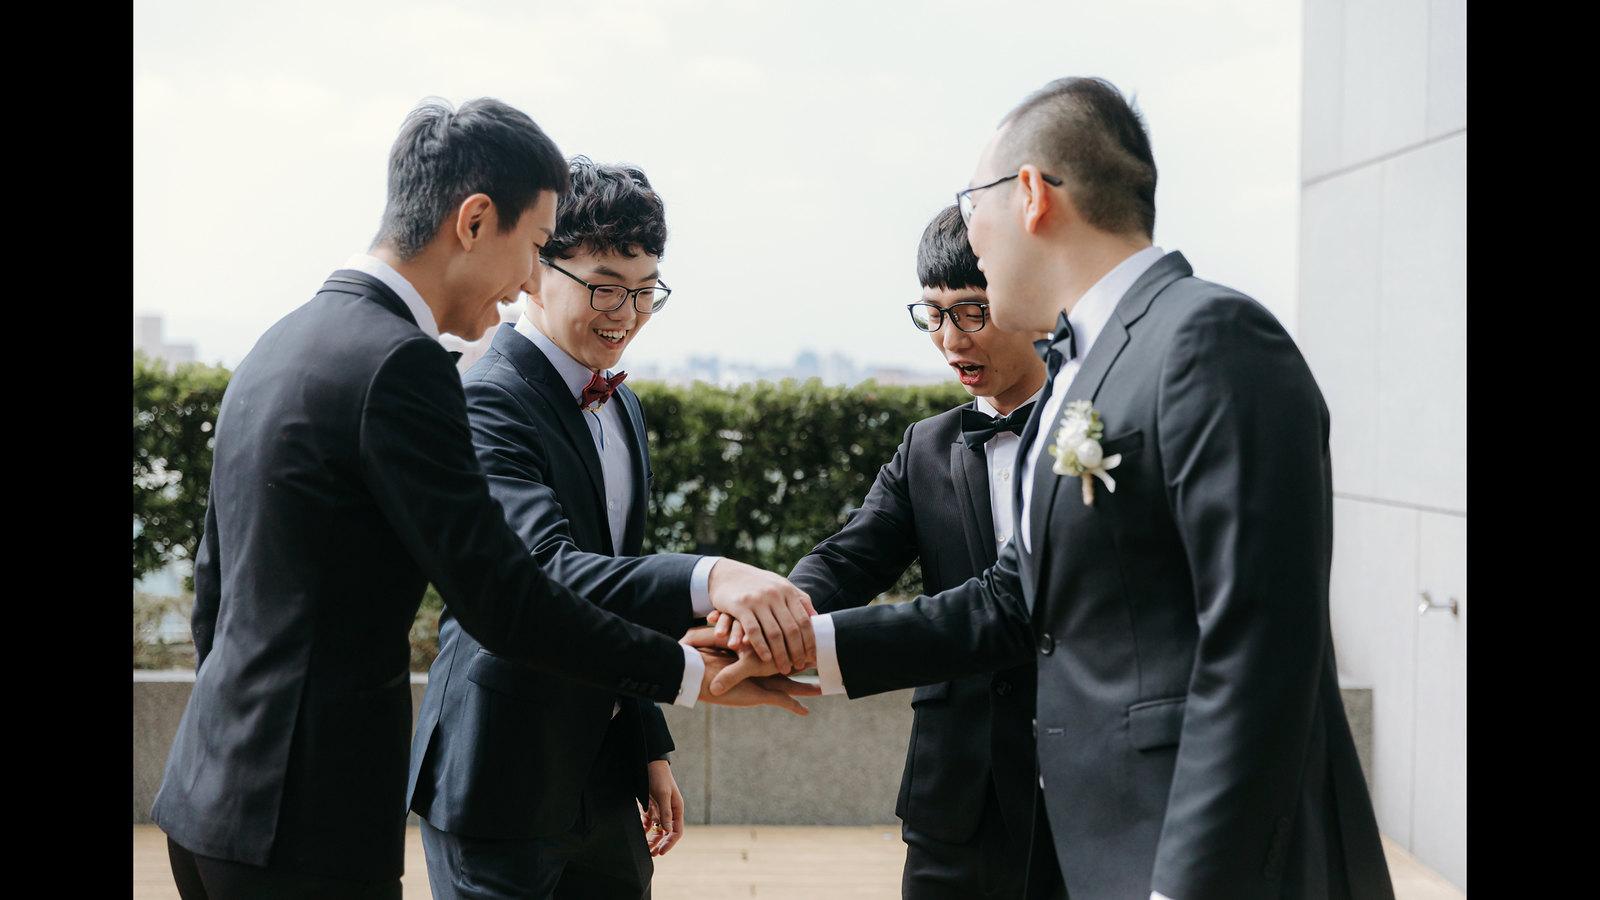 [婚攝] Bill & Ula 頤璽新莊晶冠館 婚禮精選